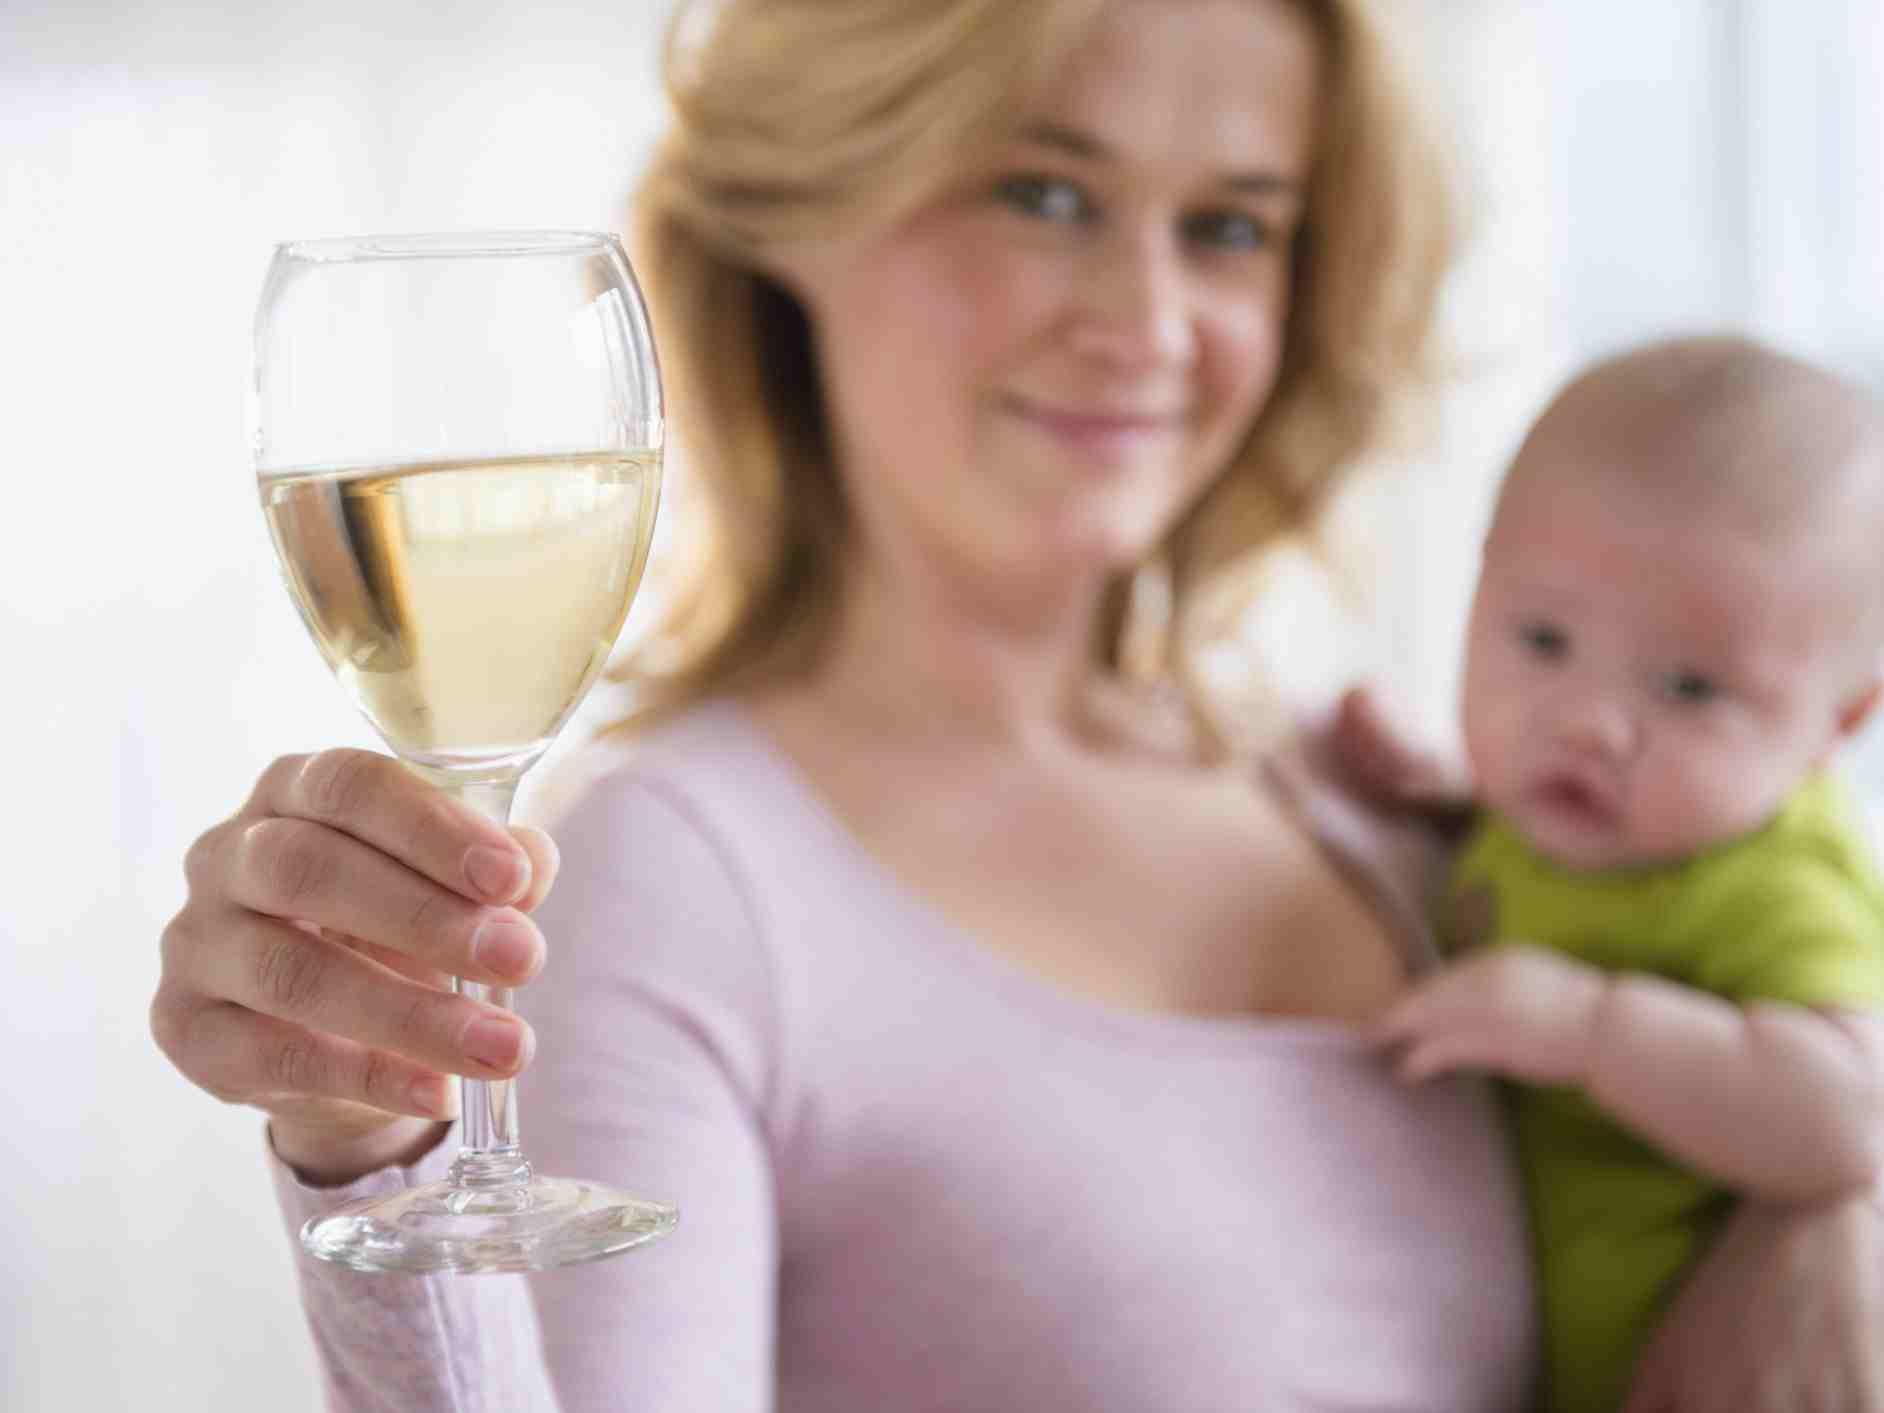 مصر� الکل در دوران شیردهی